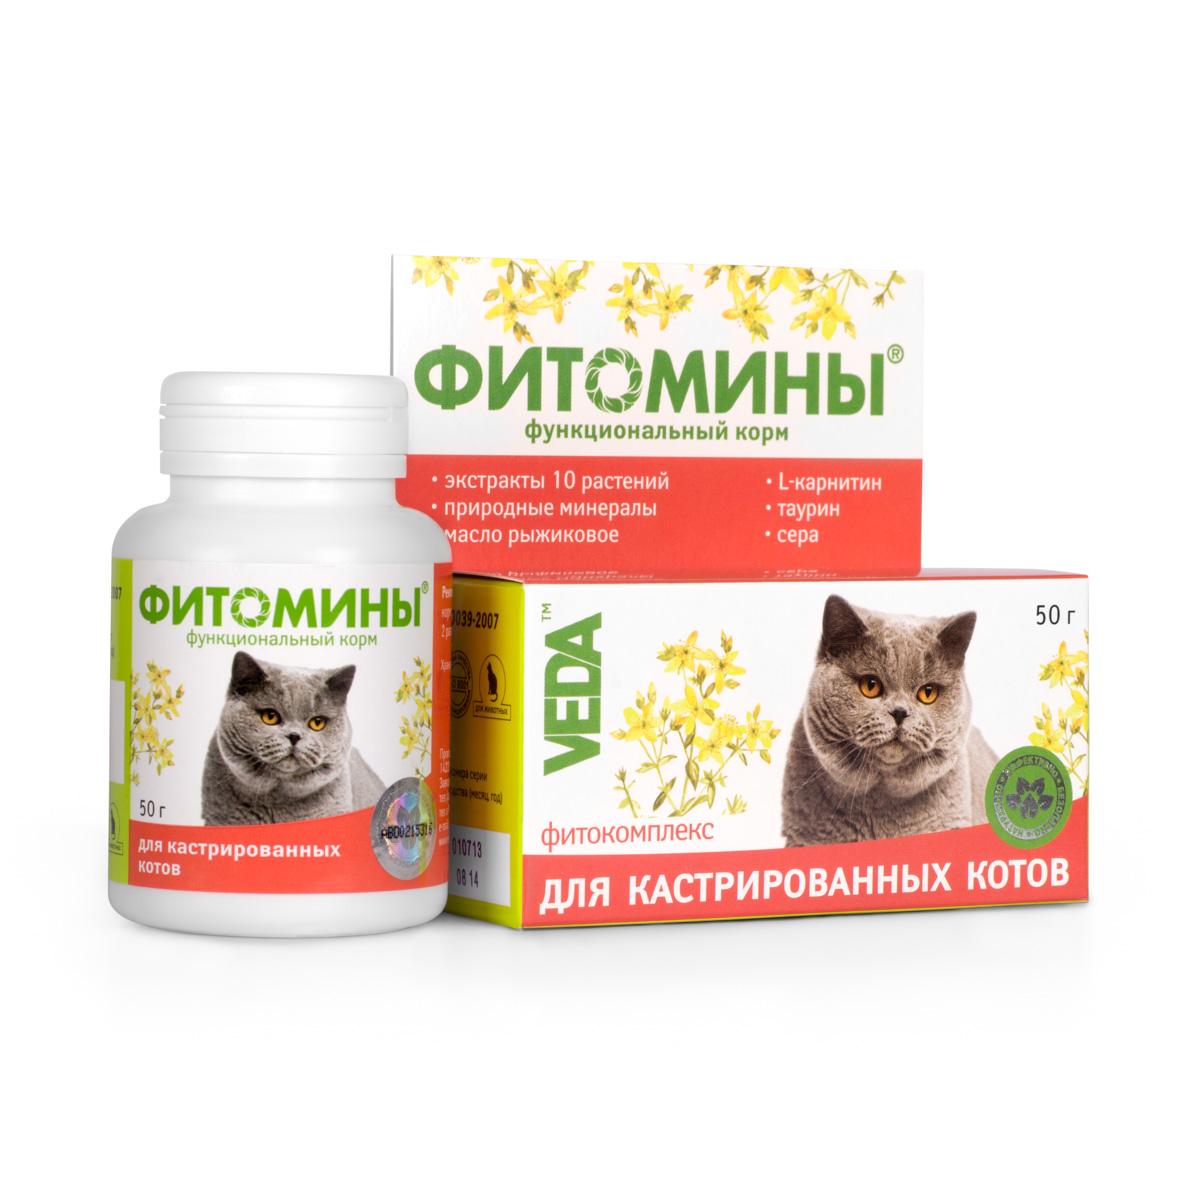 Корм VEDA Фитомины для кастрированных котов, функциональный, 50 г4605543005831Корм функциональный VEDA Фитомины рекомендуется кастрированным котам и стерилизованным кошкам: - для укрепления здоровья и улучшения качества жизни; - для снижения риска развития мочекаменной болезни и ожирения. Состав: лактоза; крахмал; дрожжи пивные; фитокомплекс: листьев березы, створок фасоли, листьев подорожника большого, травы душицы, корней одуванчика, травы тысячелистника, цветков ноготков, травы зверобоя, цветков лабазника вязолистного, листьев мяты перечной; природный минеральный комплекс; паровая рыбная мука; стеарат кальция; масло рыжиковое; L-карнитин; таурин; сера. Товар сертифицирован.